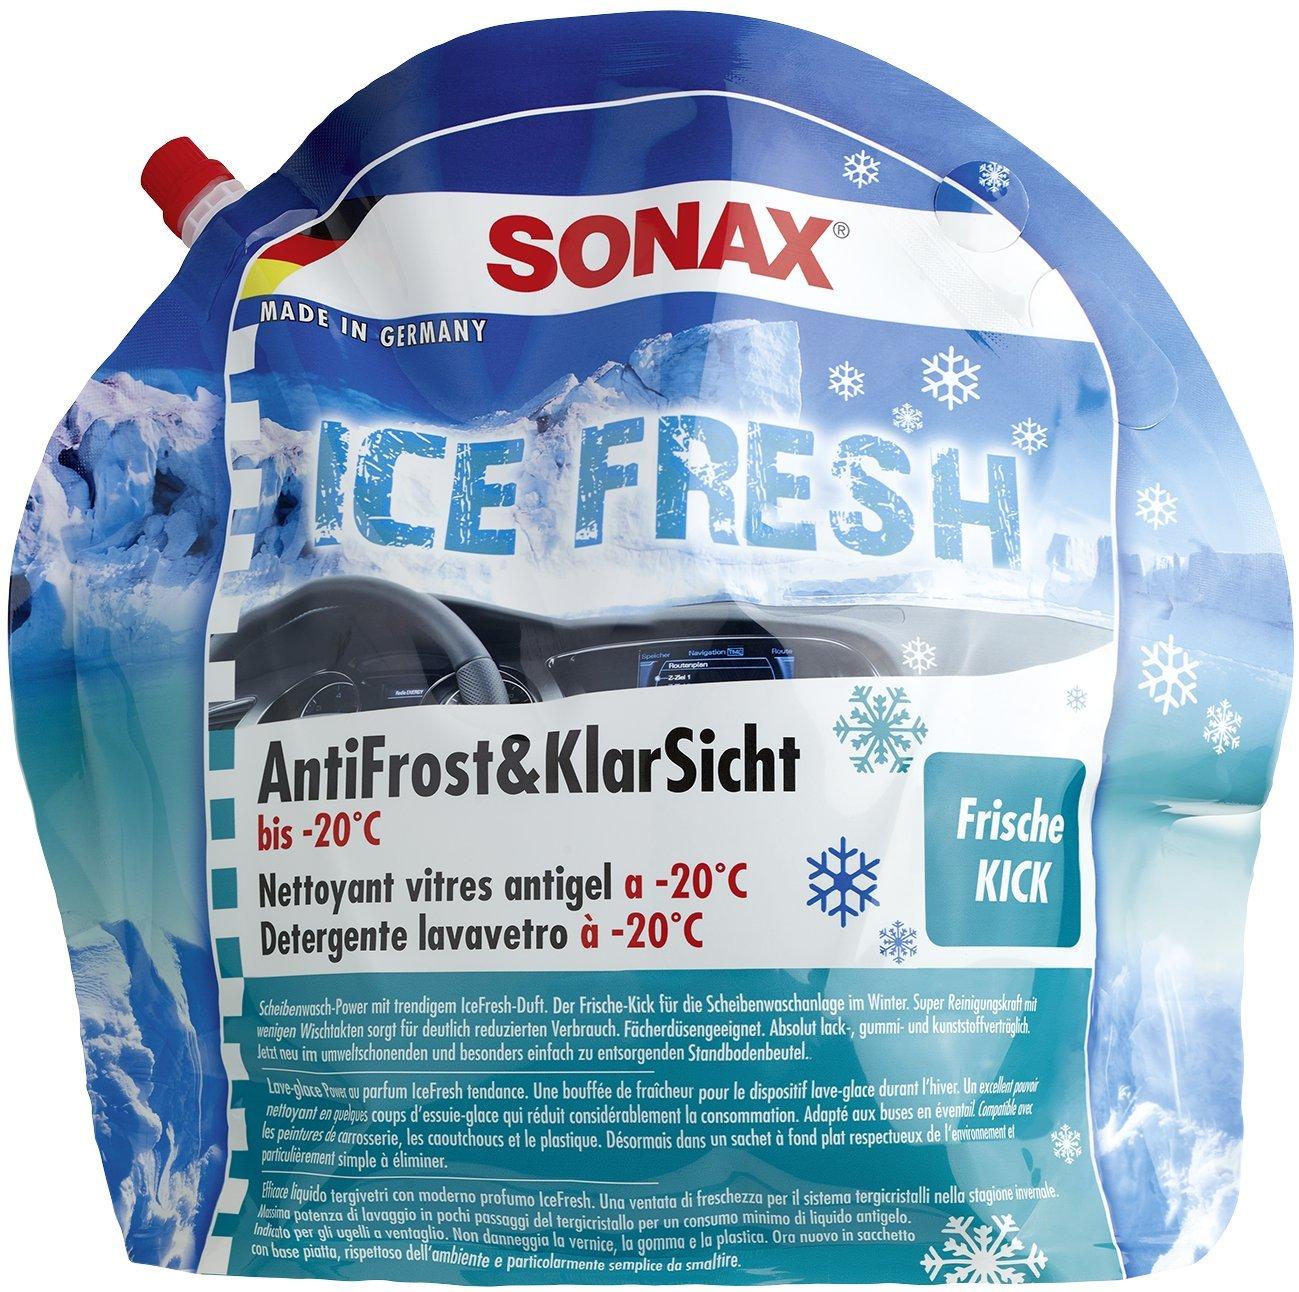 sonax antifrost und klarsicht gebrauchsfertig 3 liter. Black Bedroom Furniture Sets. Home Design Ideas